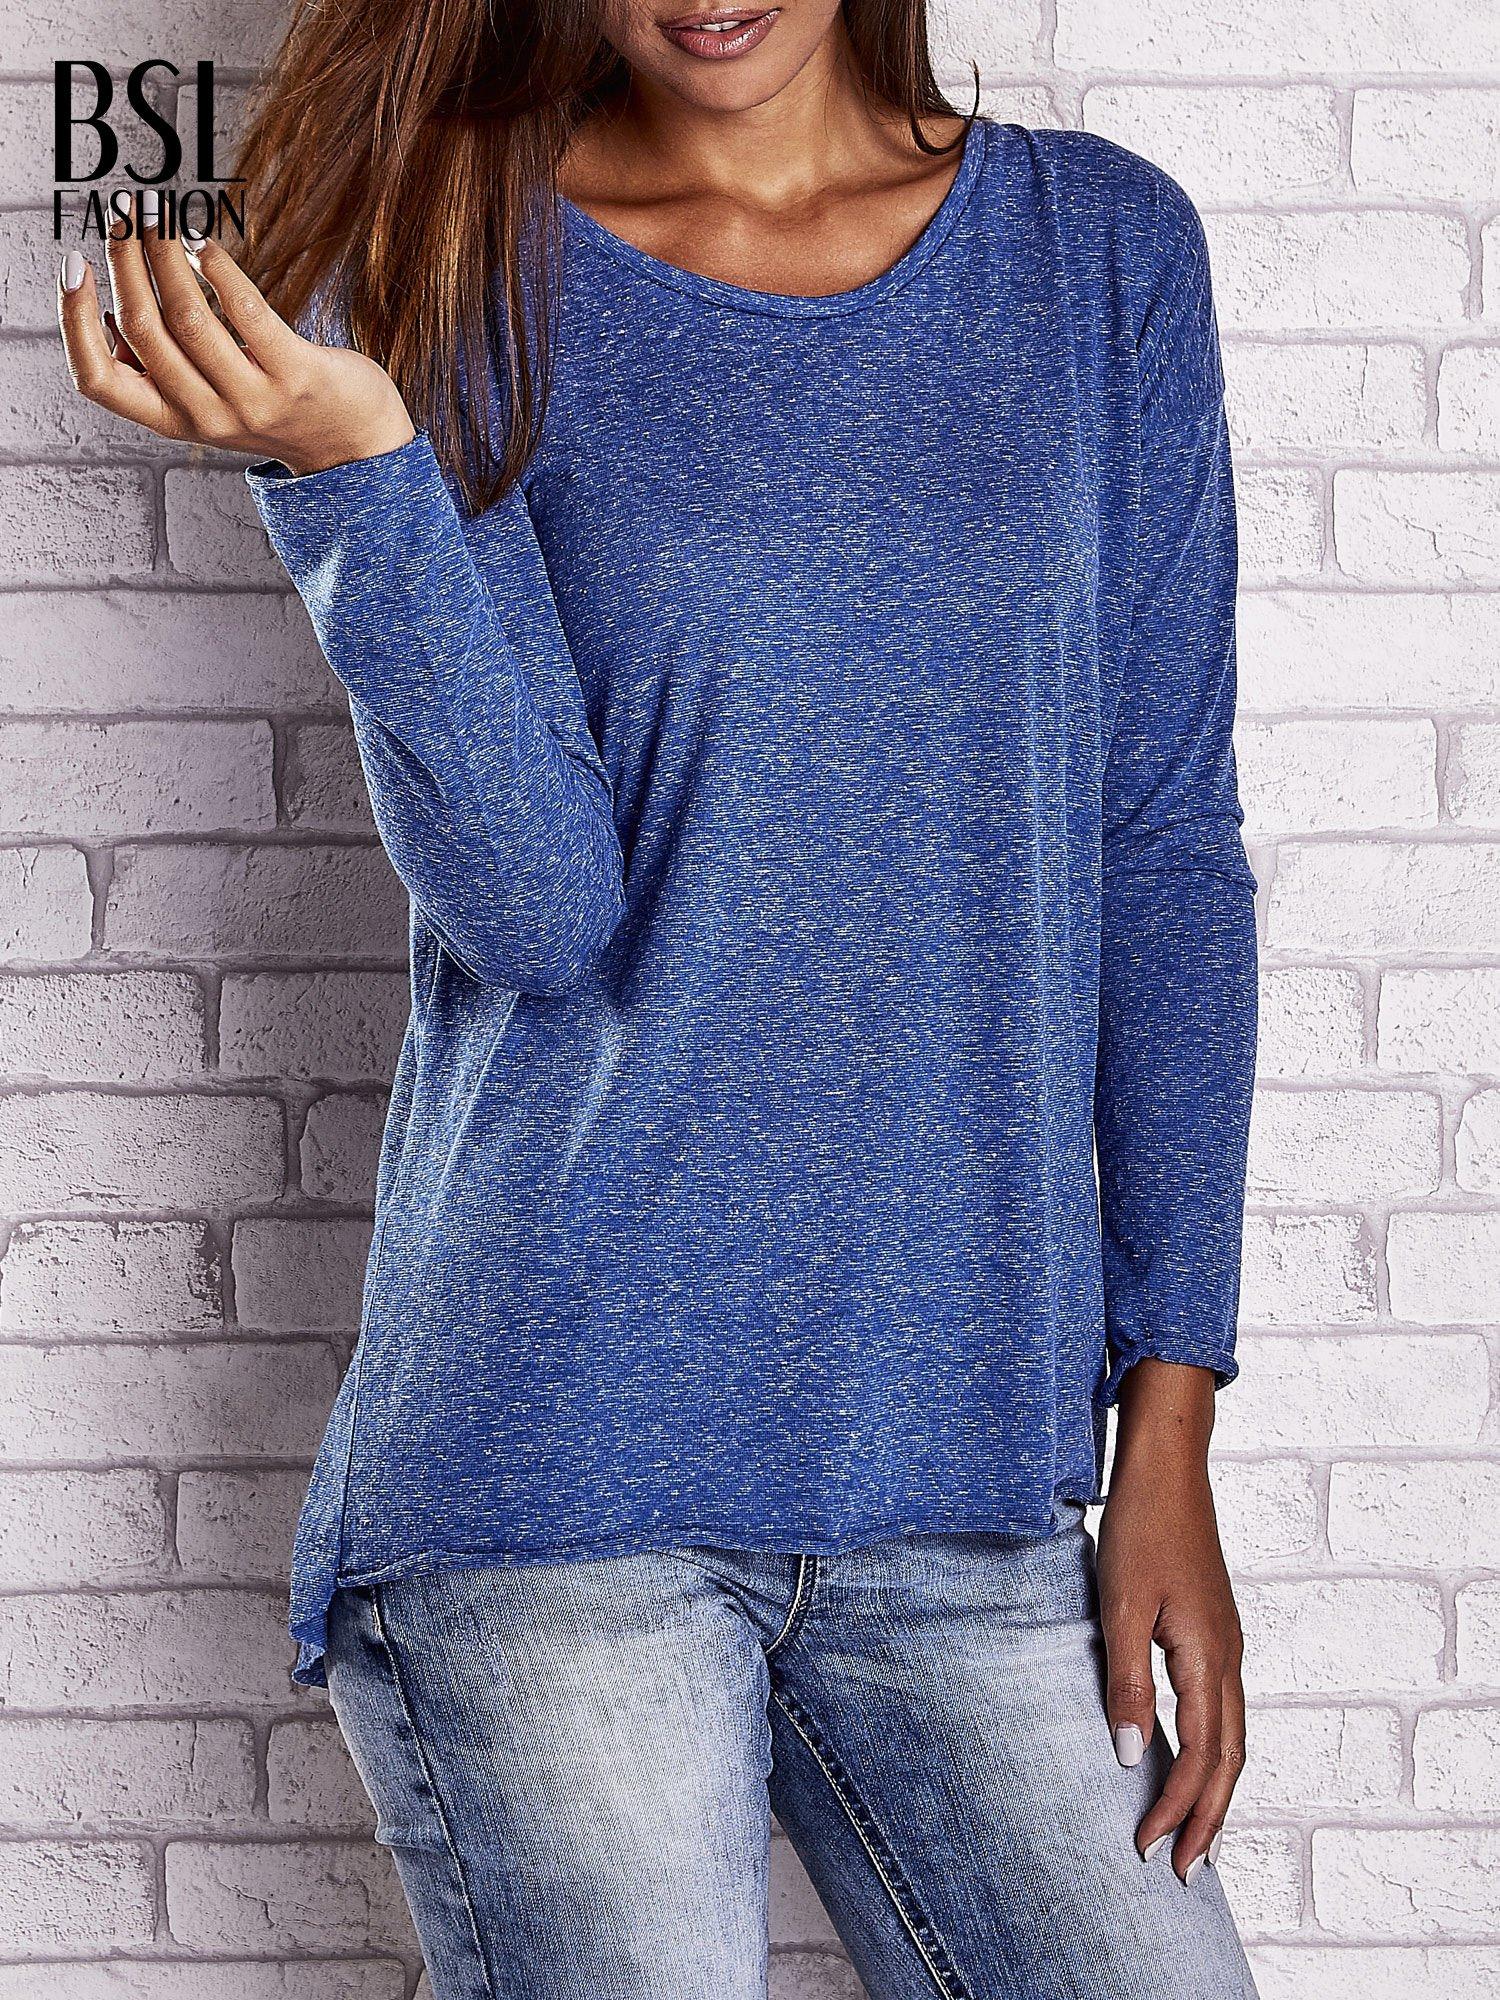 Ciemnoniebieska bluzka z surowym wykończeniem                                  zdj.                                  1